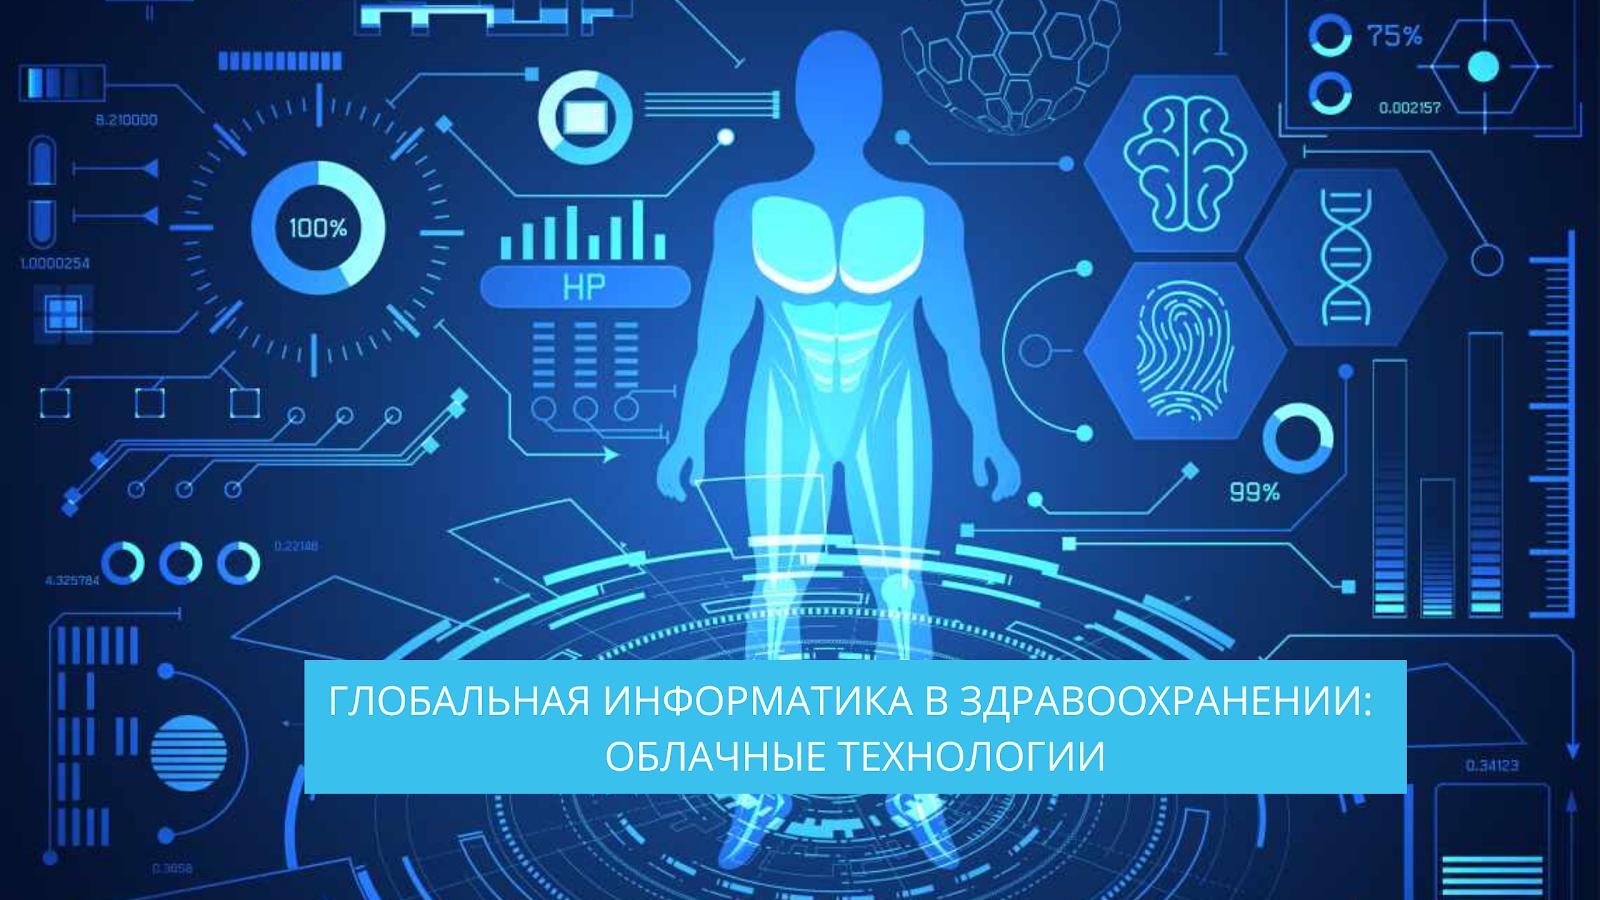 Глобальная информатика в здравоохранении: облачные технологии - 1